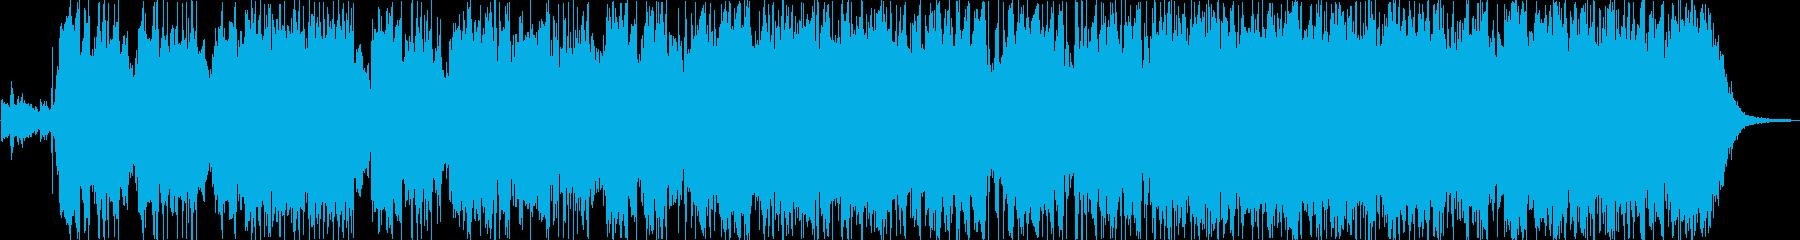 メロディックなギターロックインストの再生済みの波形